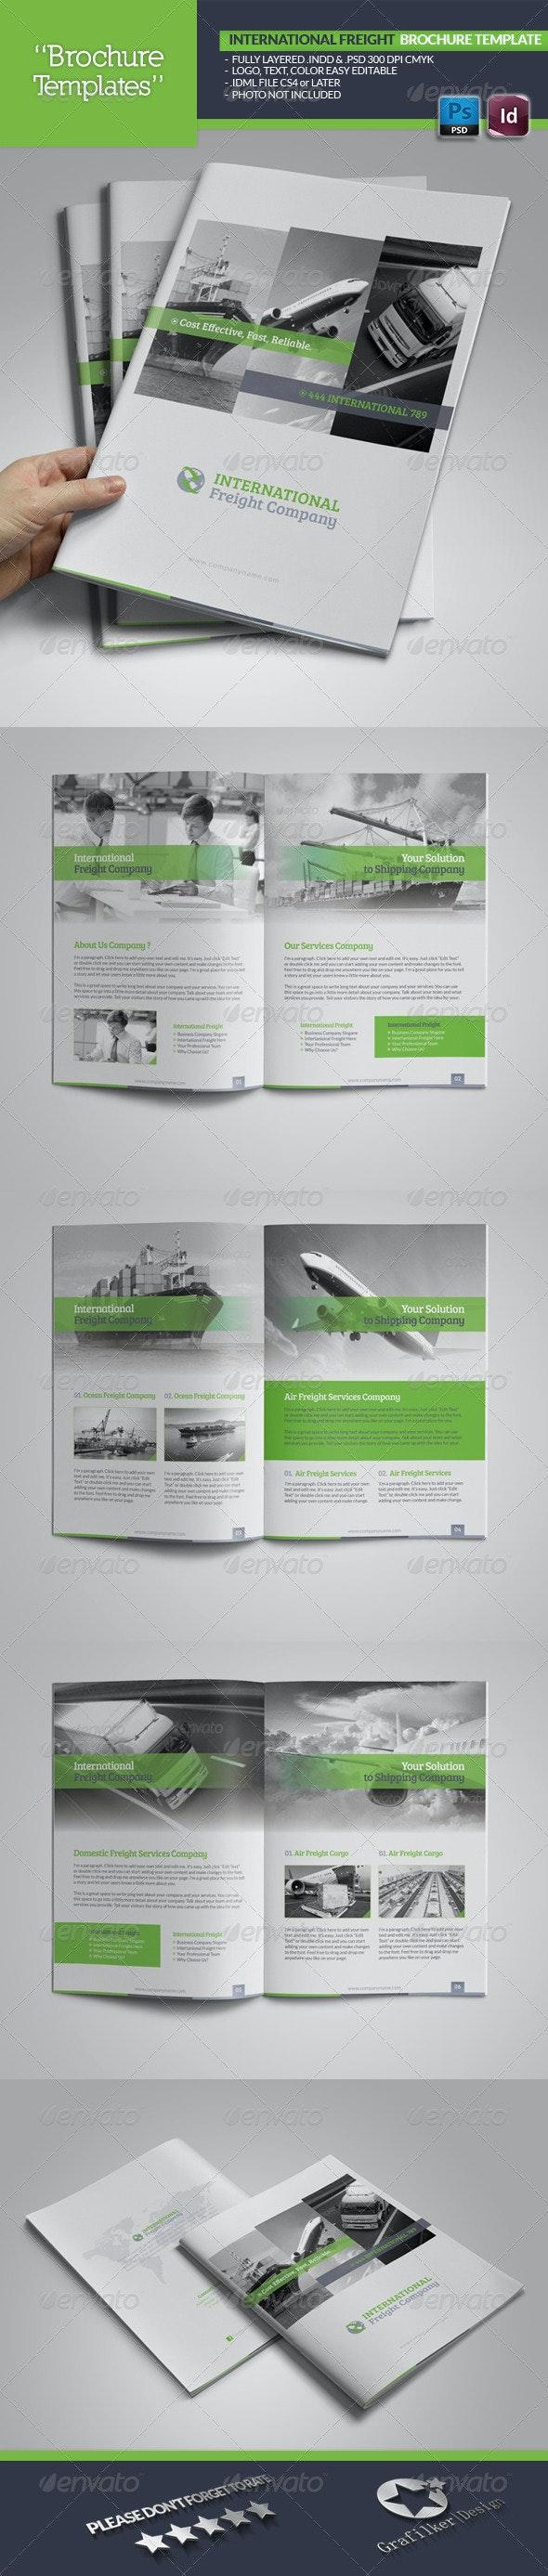 International Freight Brochure Template - Brochures Print Templates